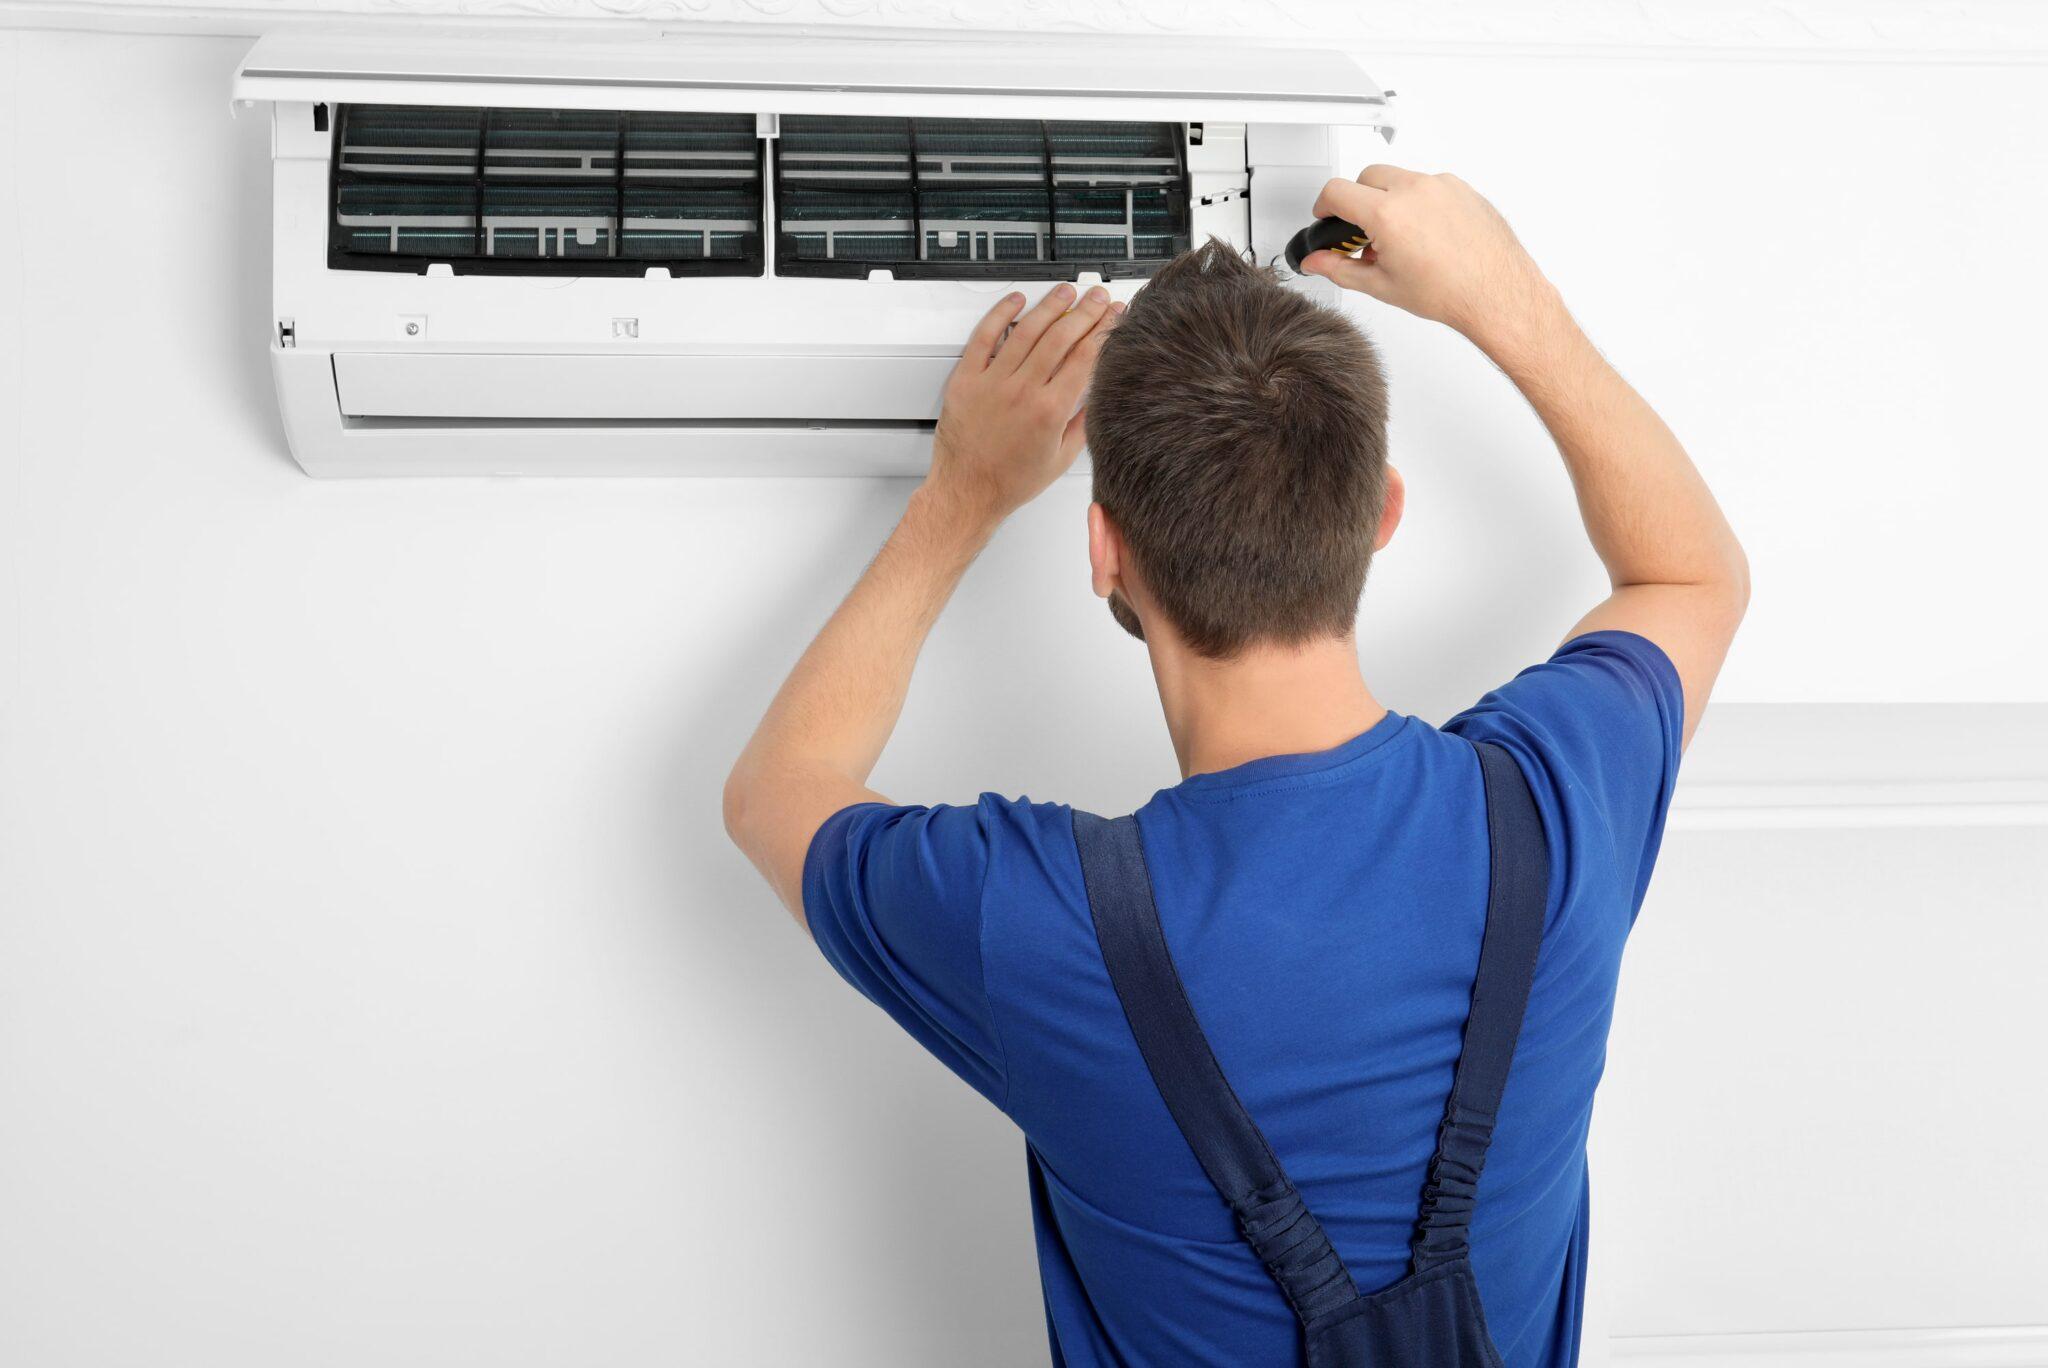 Места для установки сплит-системы в квартире и этапы ее монтажа